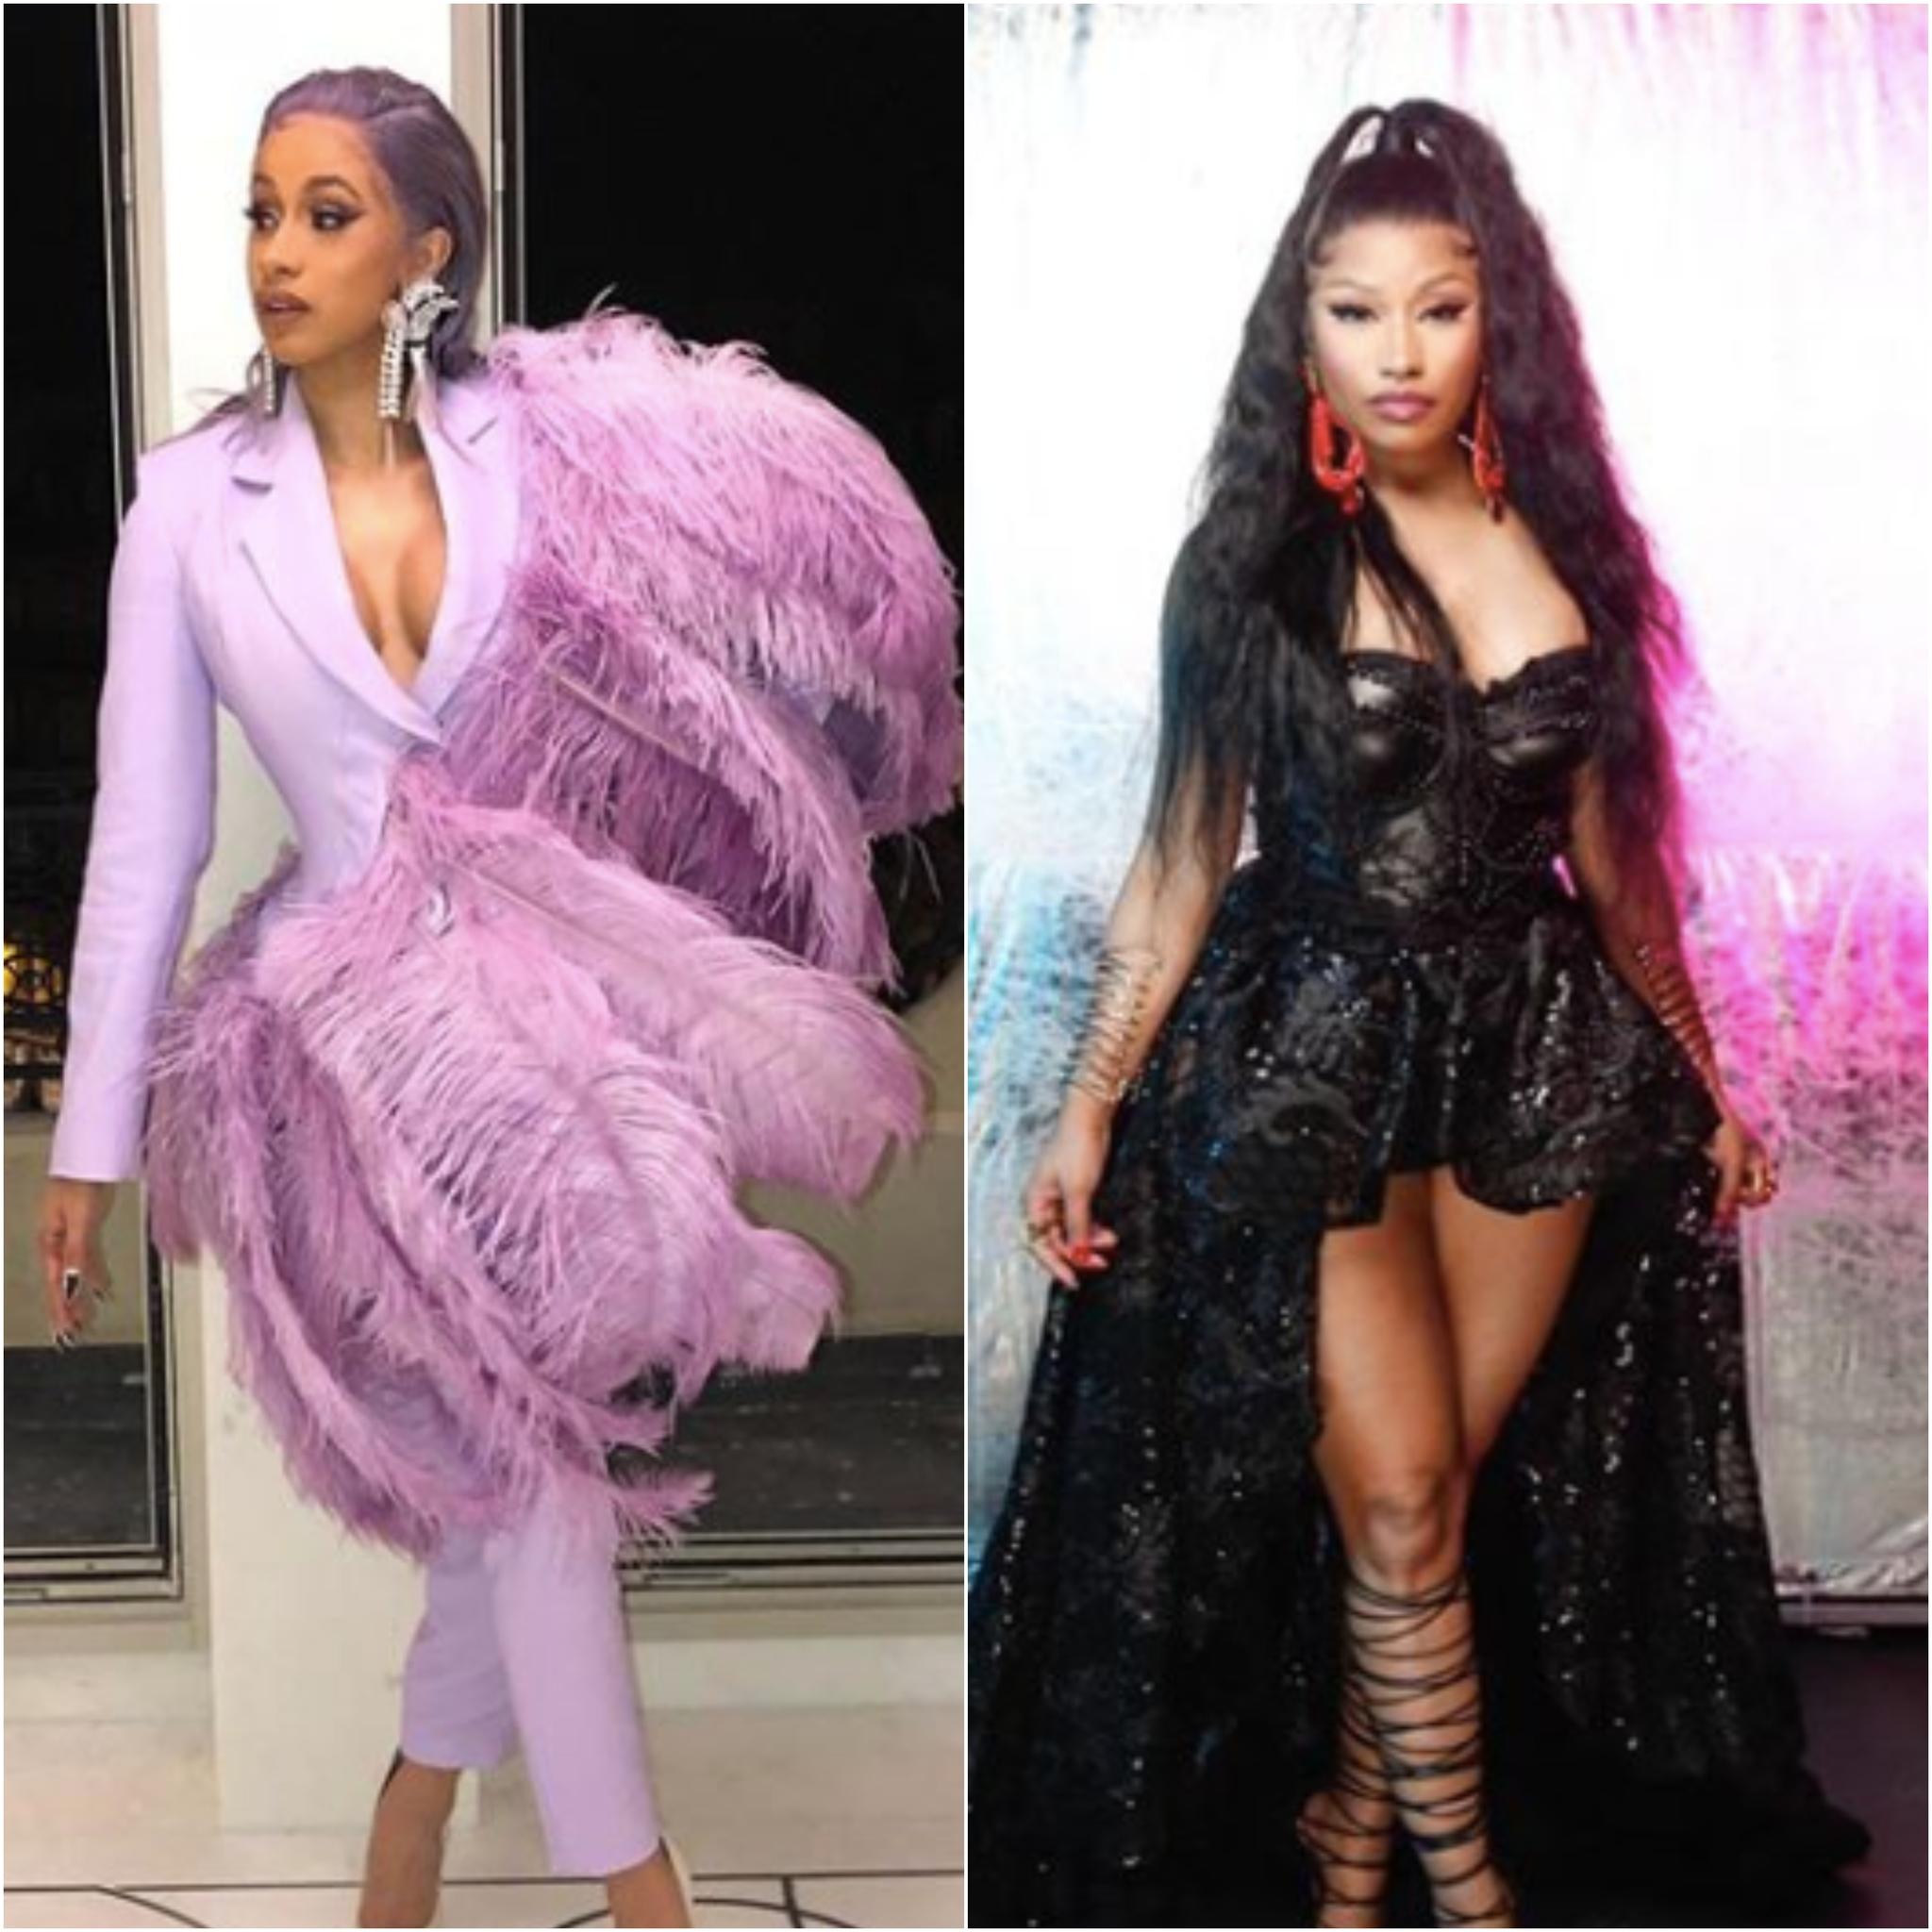 Las raperas Cardi B y Nicki Minaj.